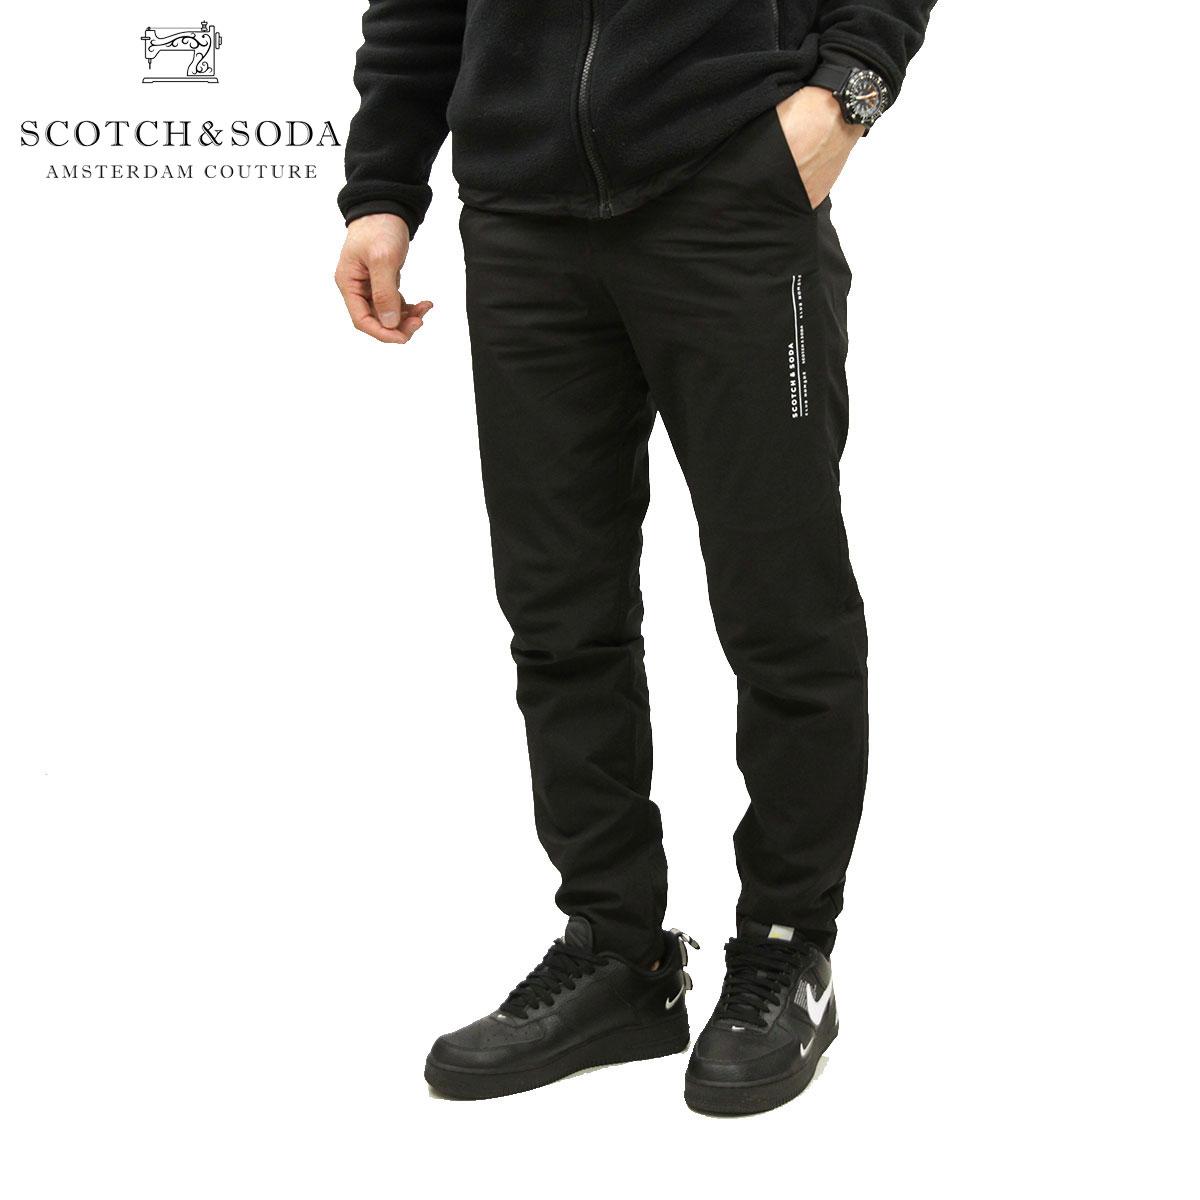 予約商品 1月頃入荷予定 スコッチアンドソーダ ナイロンパンツ メンズ 正規販売店 SCOTCH&SODA ボトムス CLUB NOMADE CHIC & SPORTY PANT I D 154238 0008 13504 08 BLACK